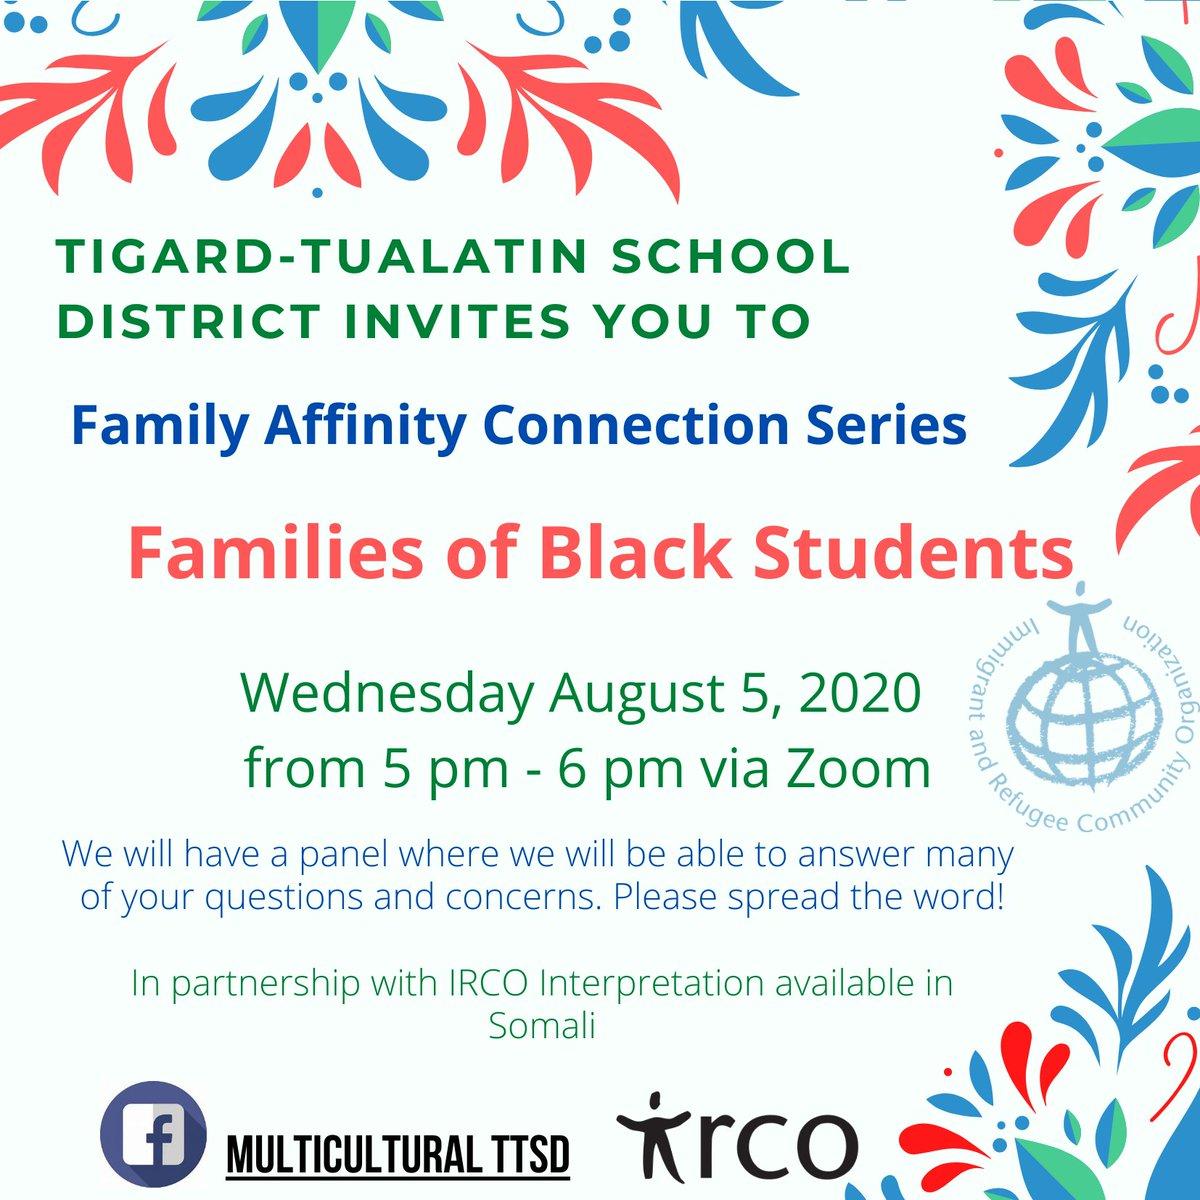 Tigard Tualatin Sd (@tigardtualsd) | Twitter Intended For Tigard Tualatin School Calendar 2021